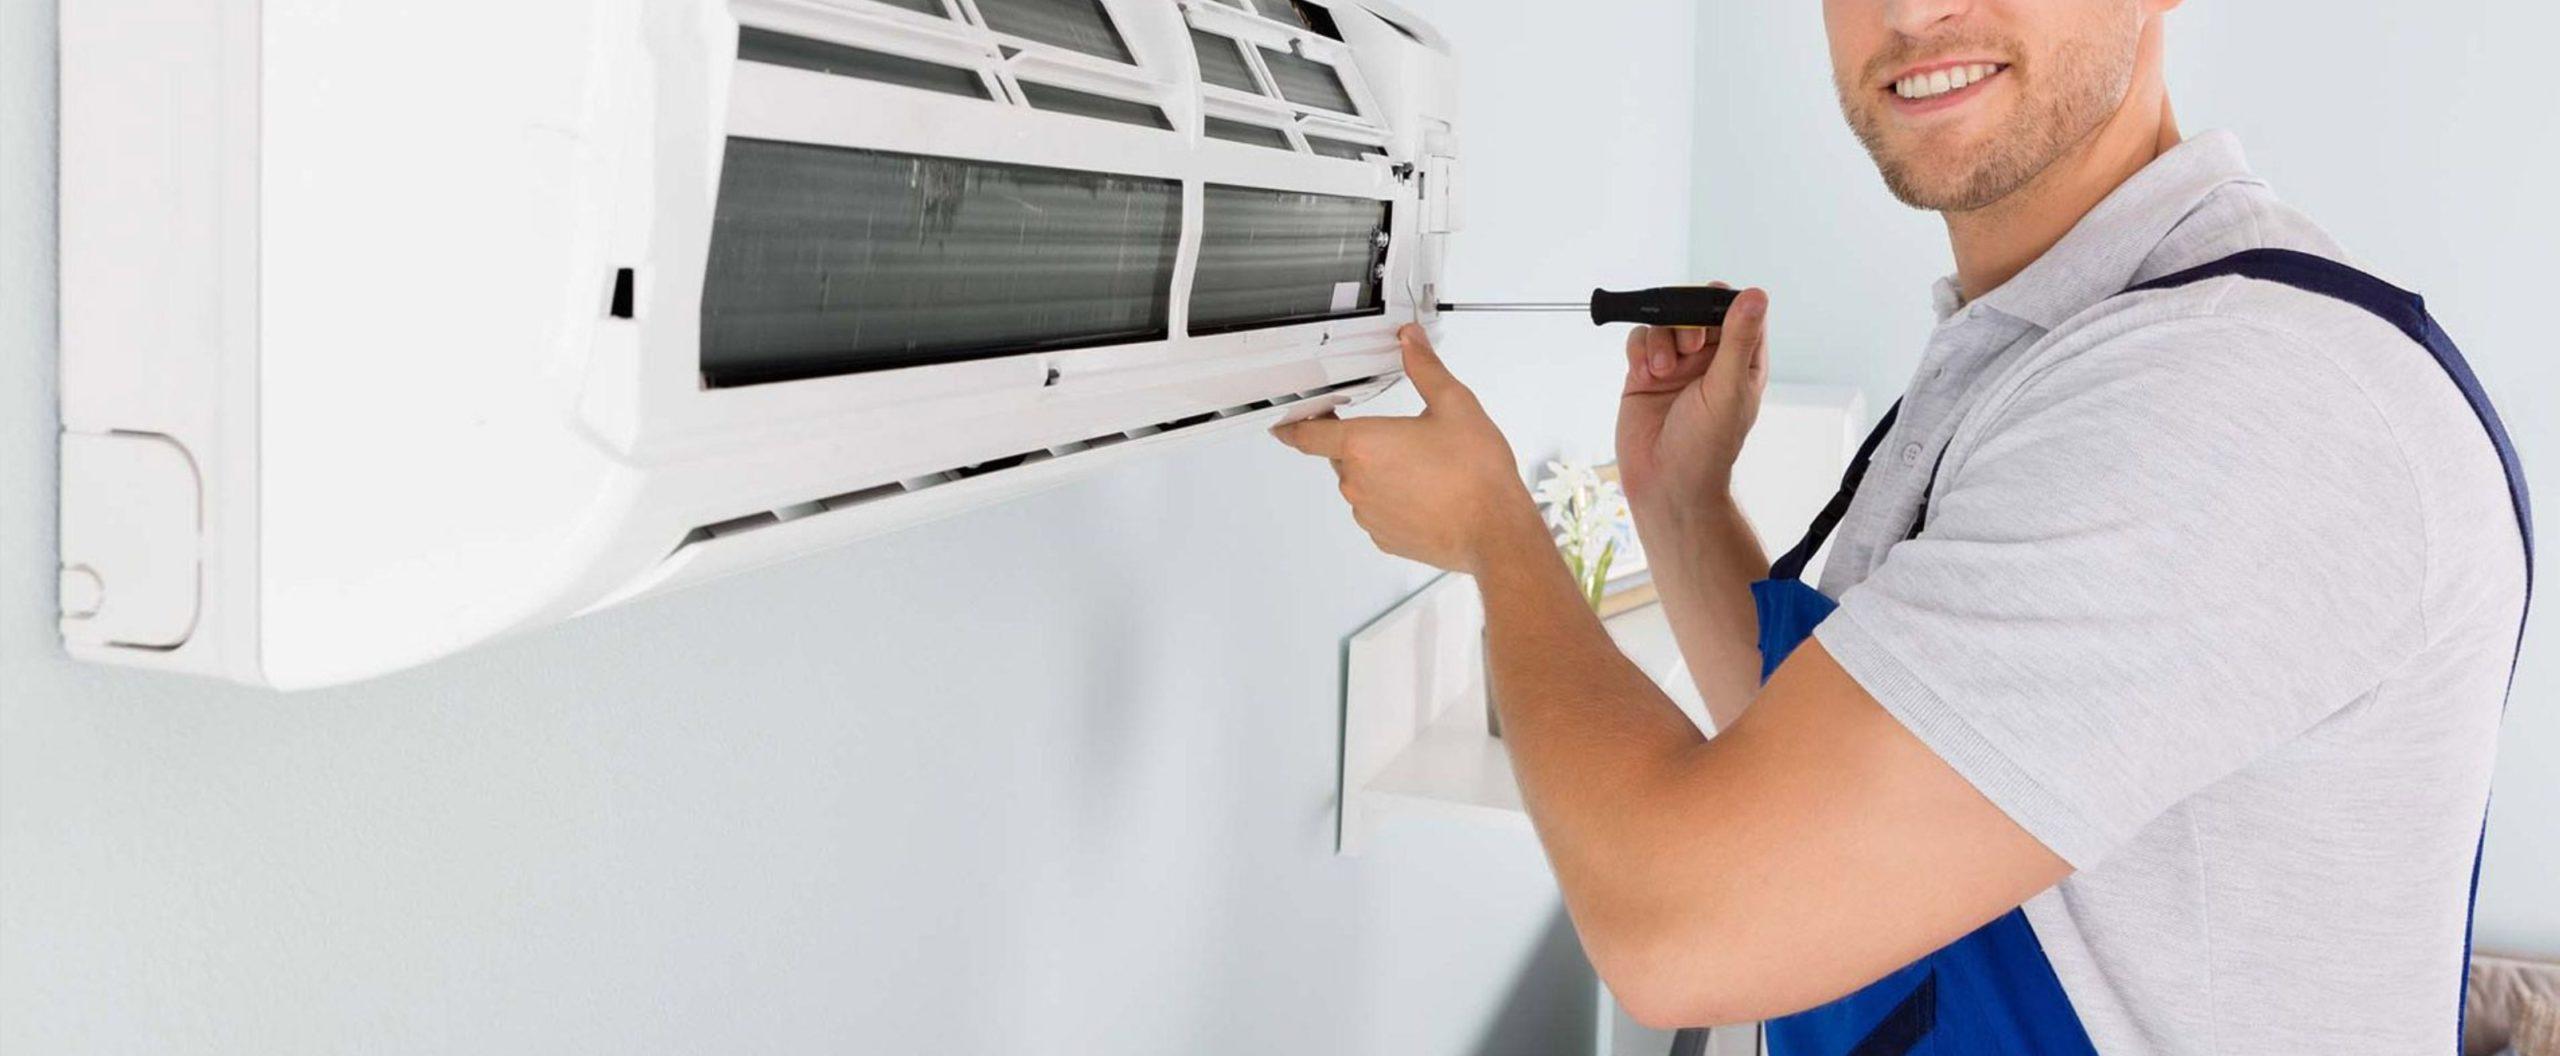 Τεχνικός Εγκαταστάσεων Ψύξης Αερισμού και Κλιματισμού